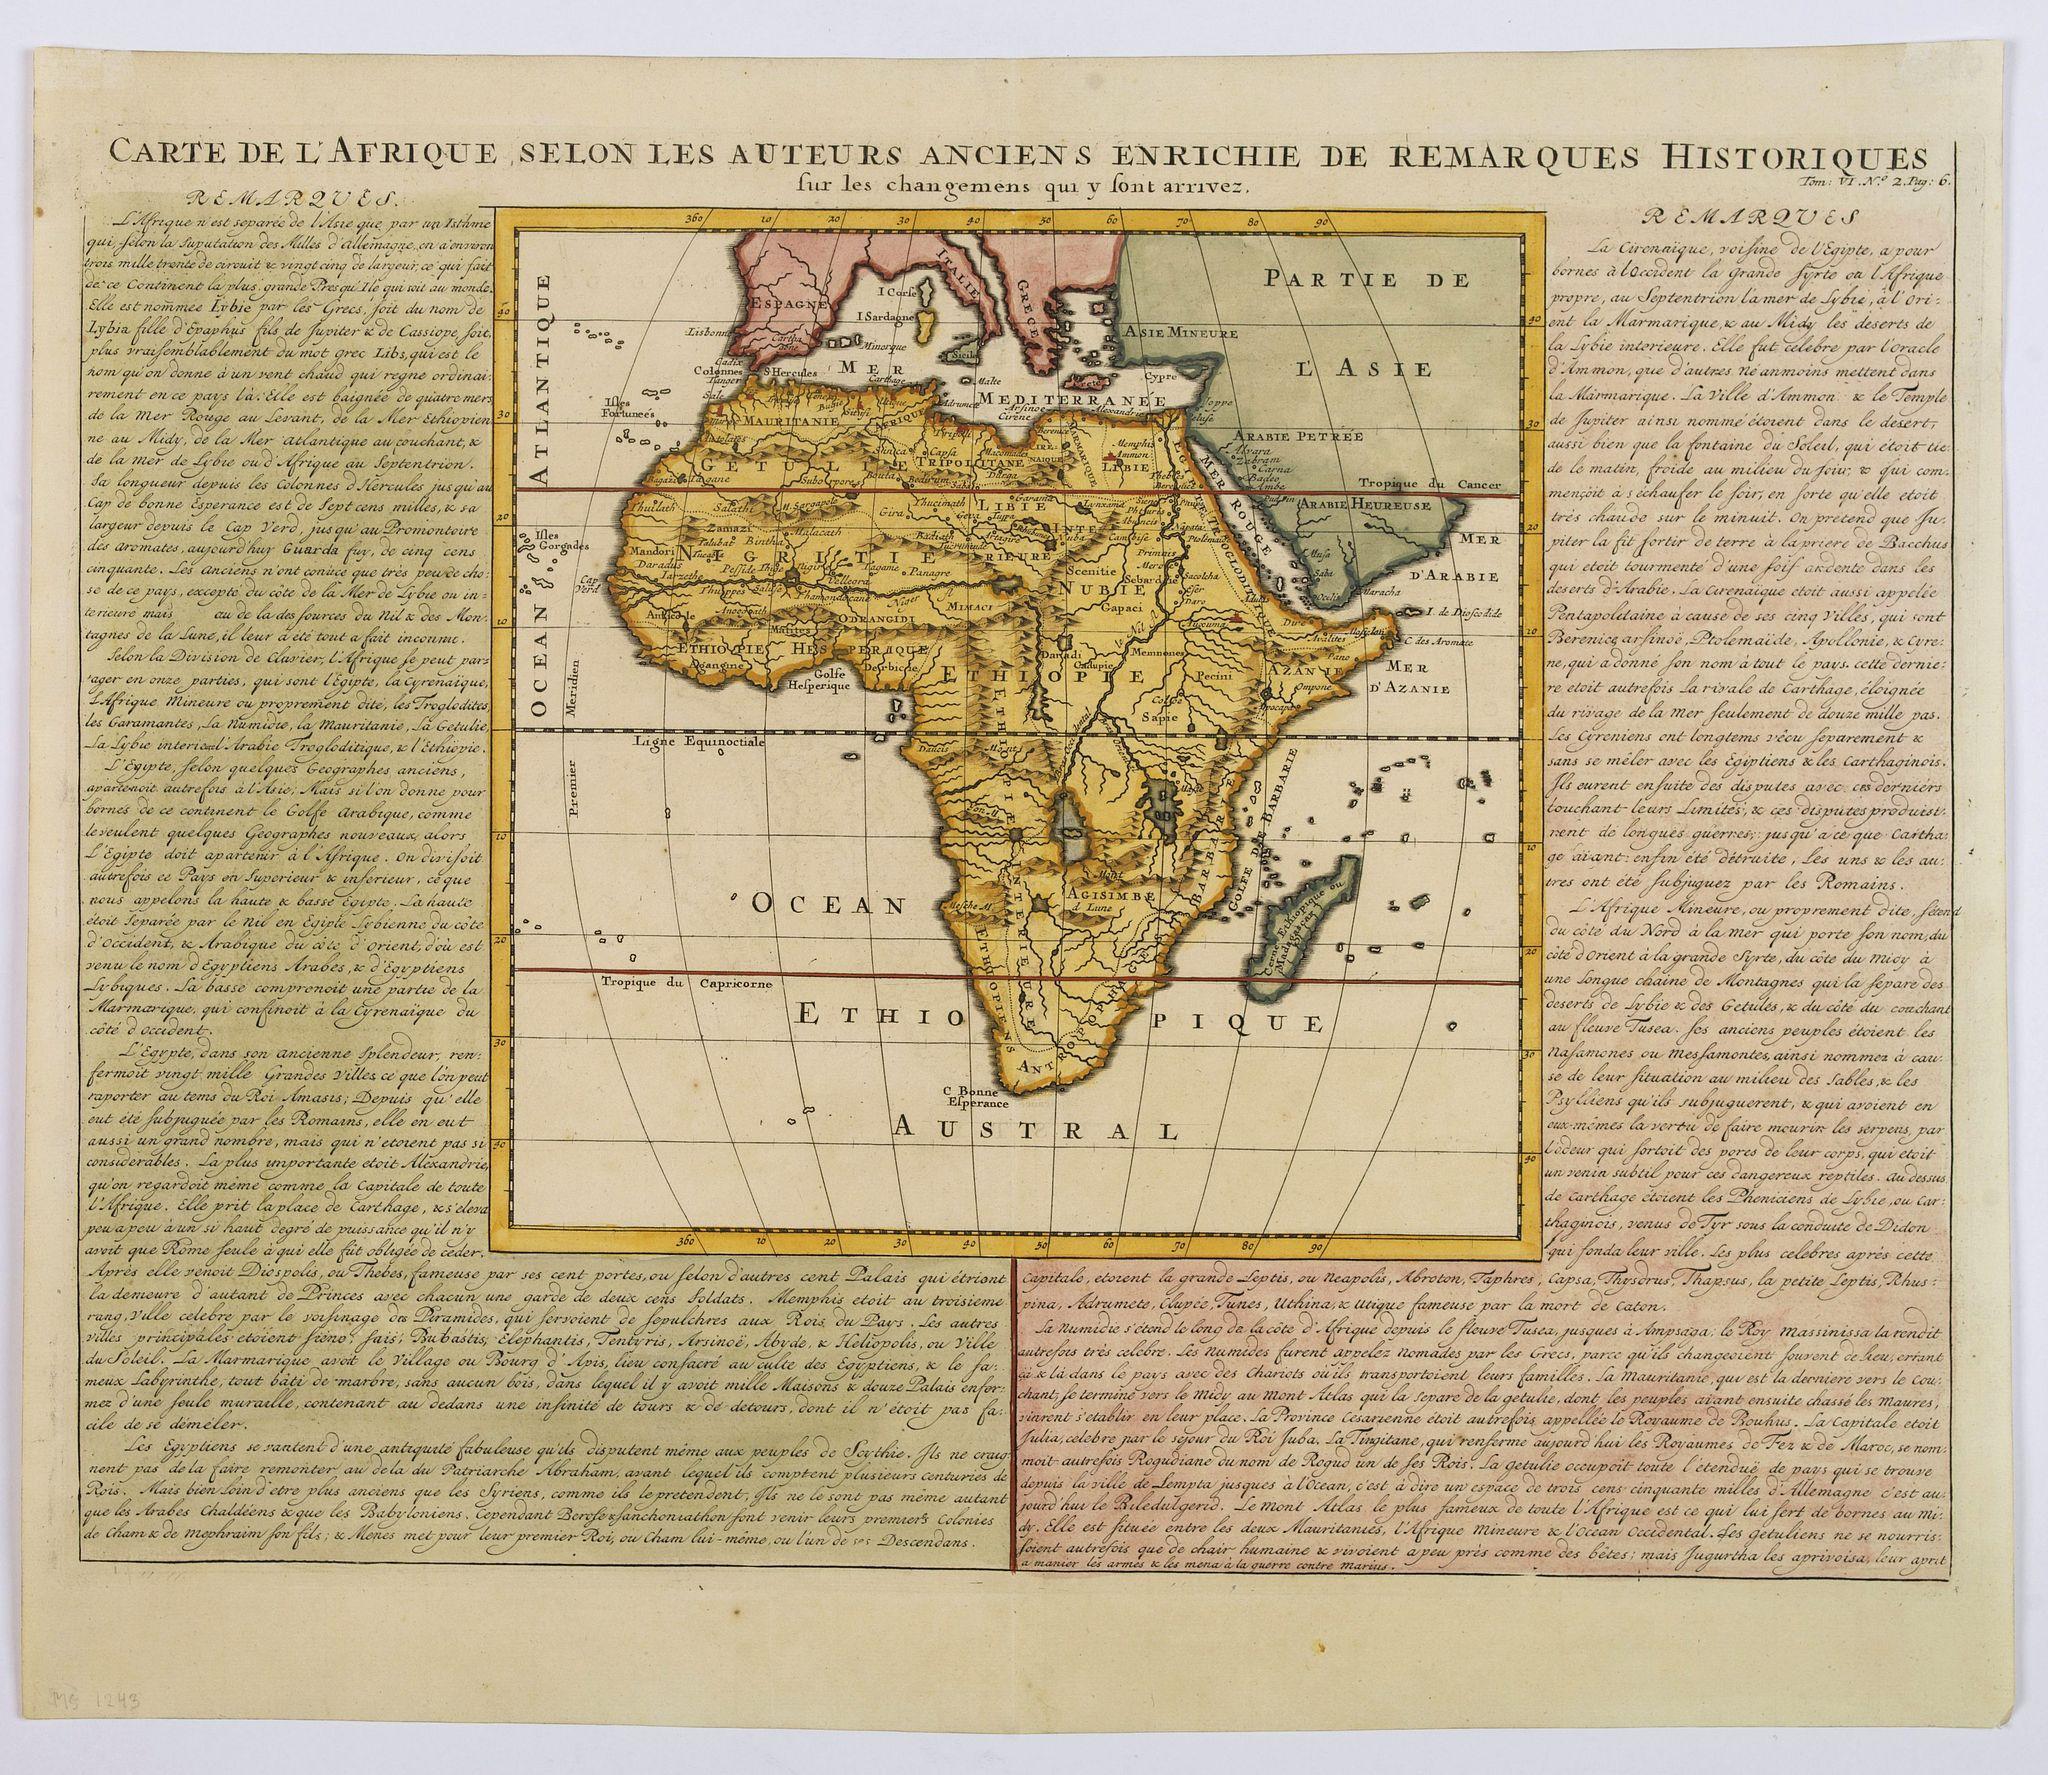 CHATELAIN, H. - Carte de L'Afrique selon les auteurs Ancienne enrichie de remarques historiques. . .